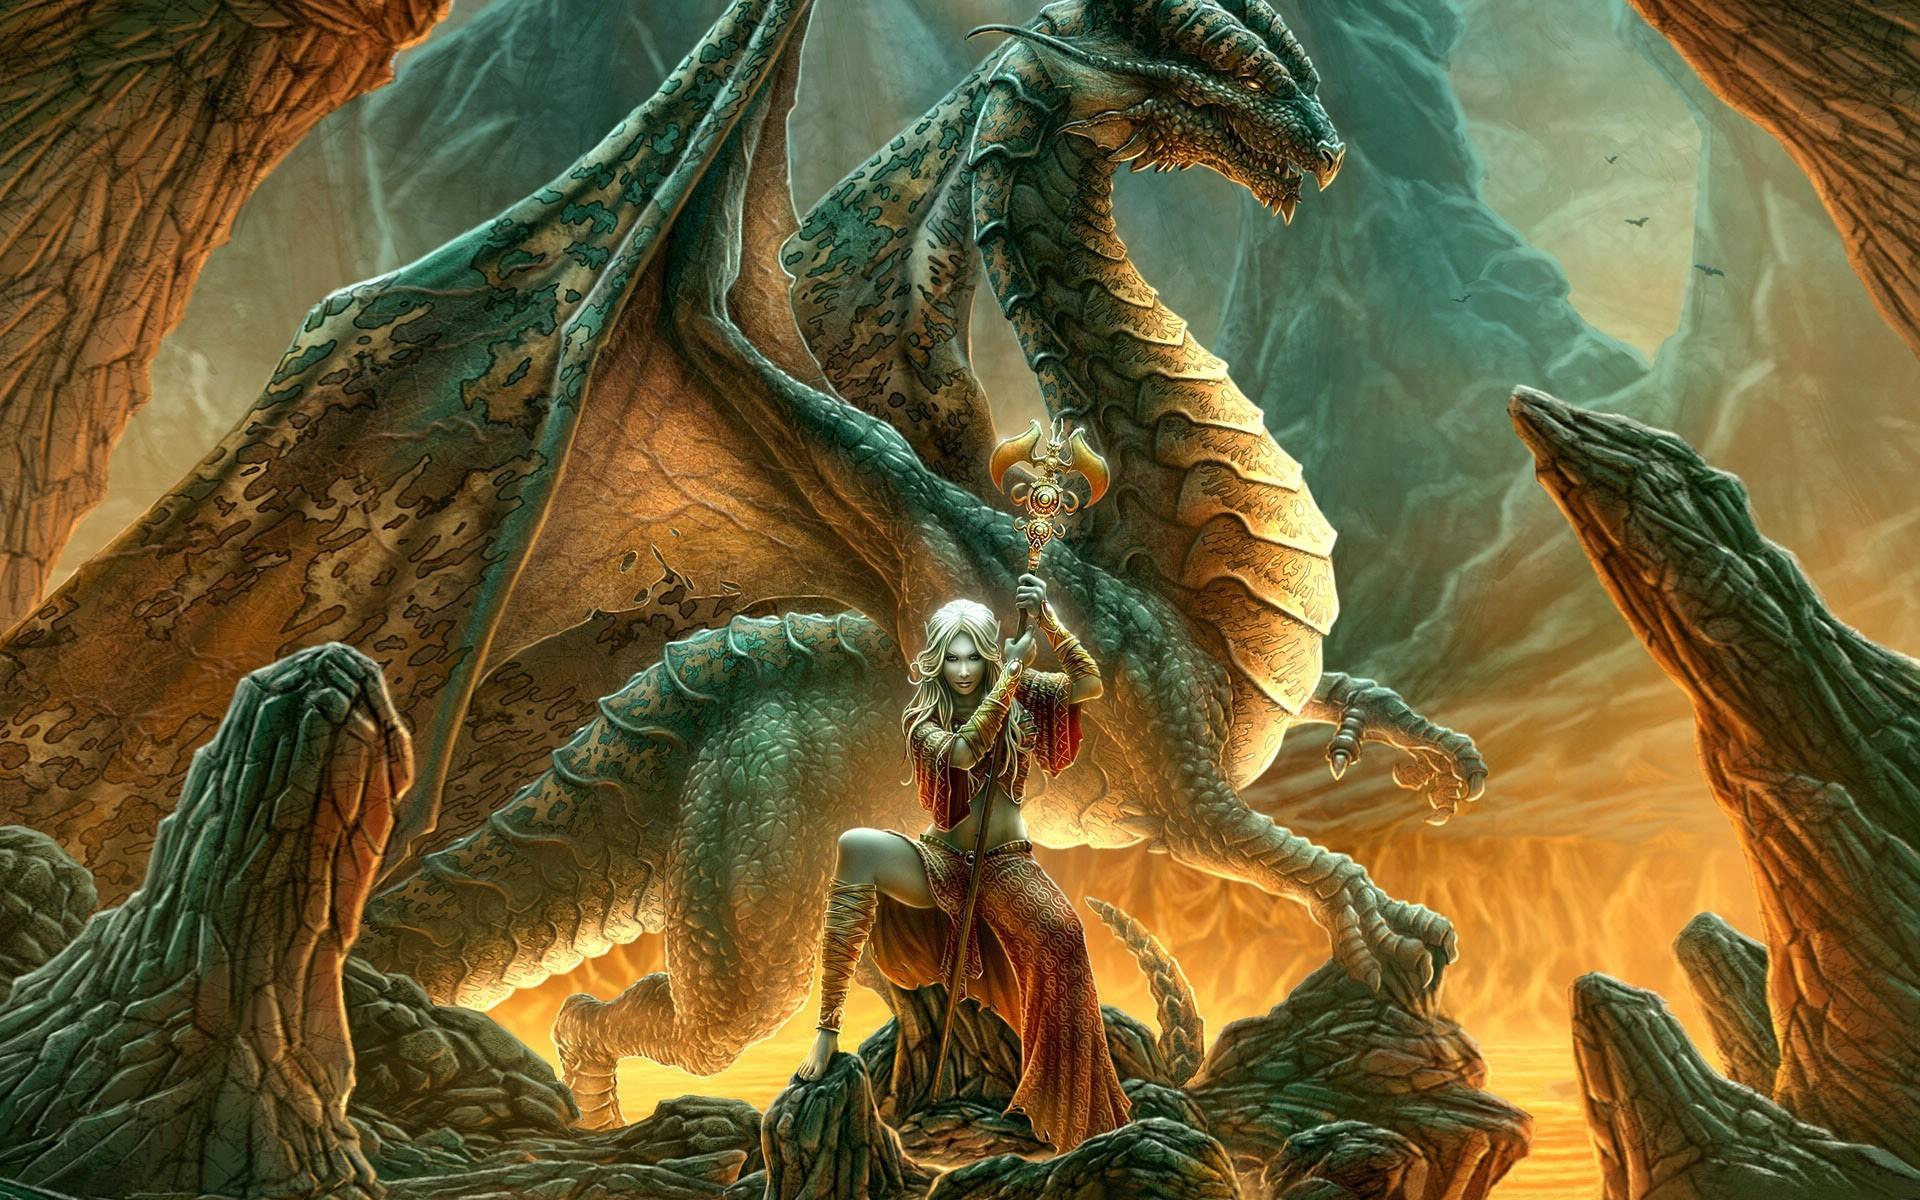 обои восточные драконы для рабочего стола № 598095 бесплатно